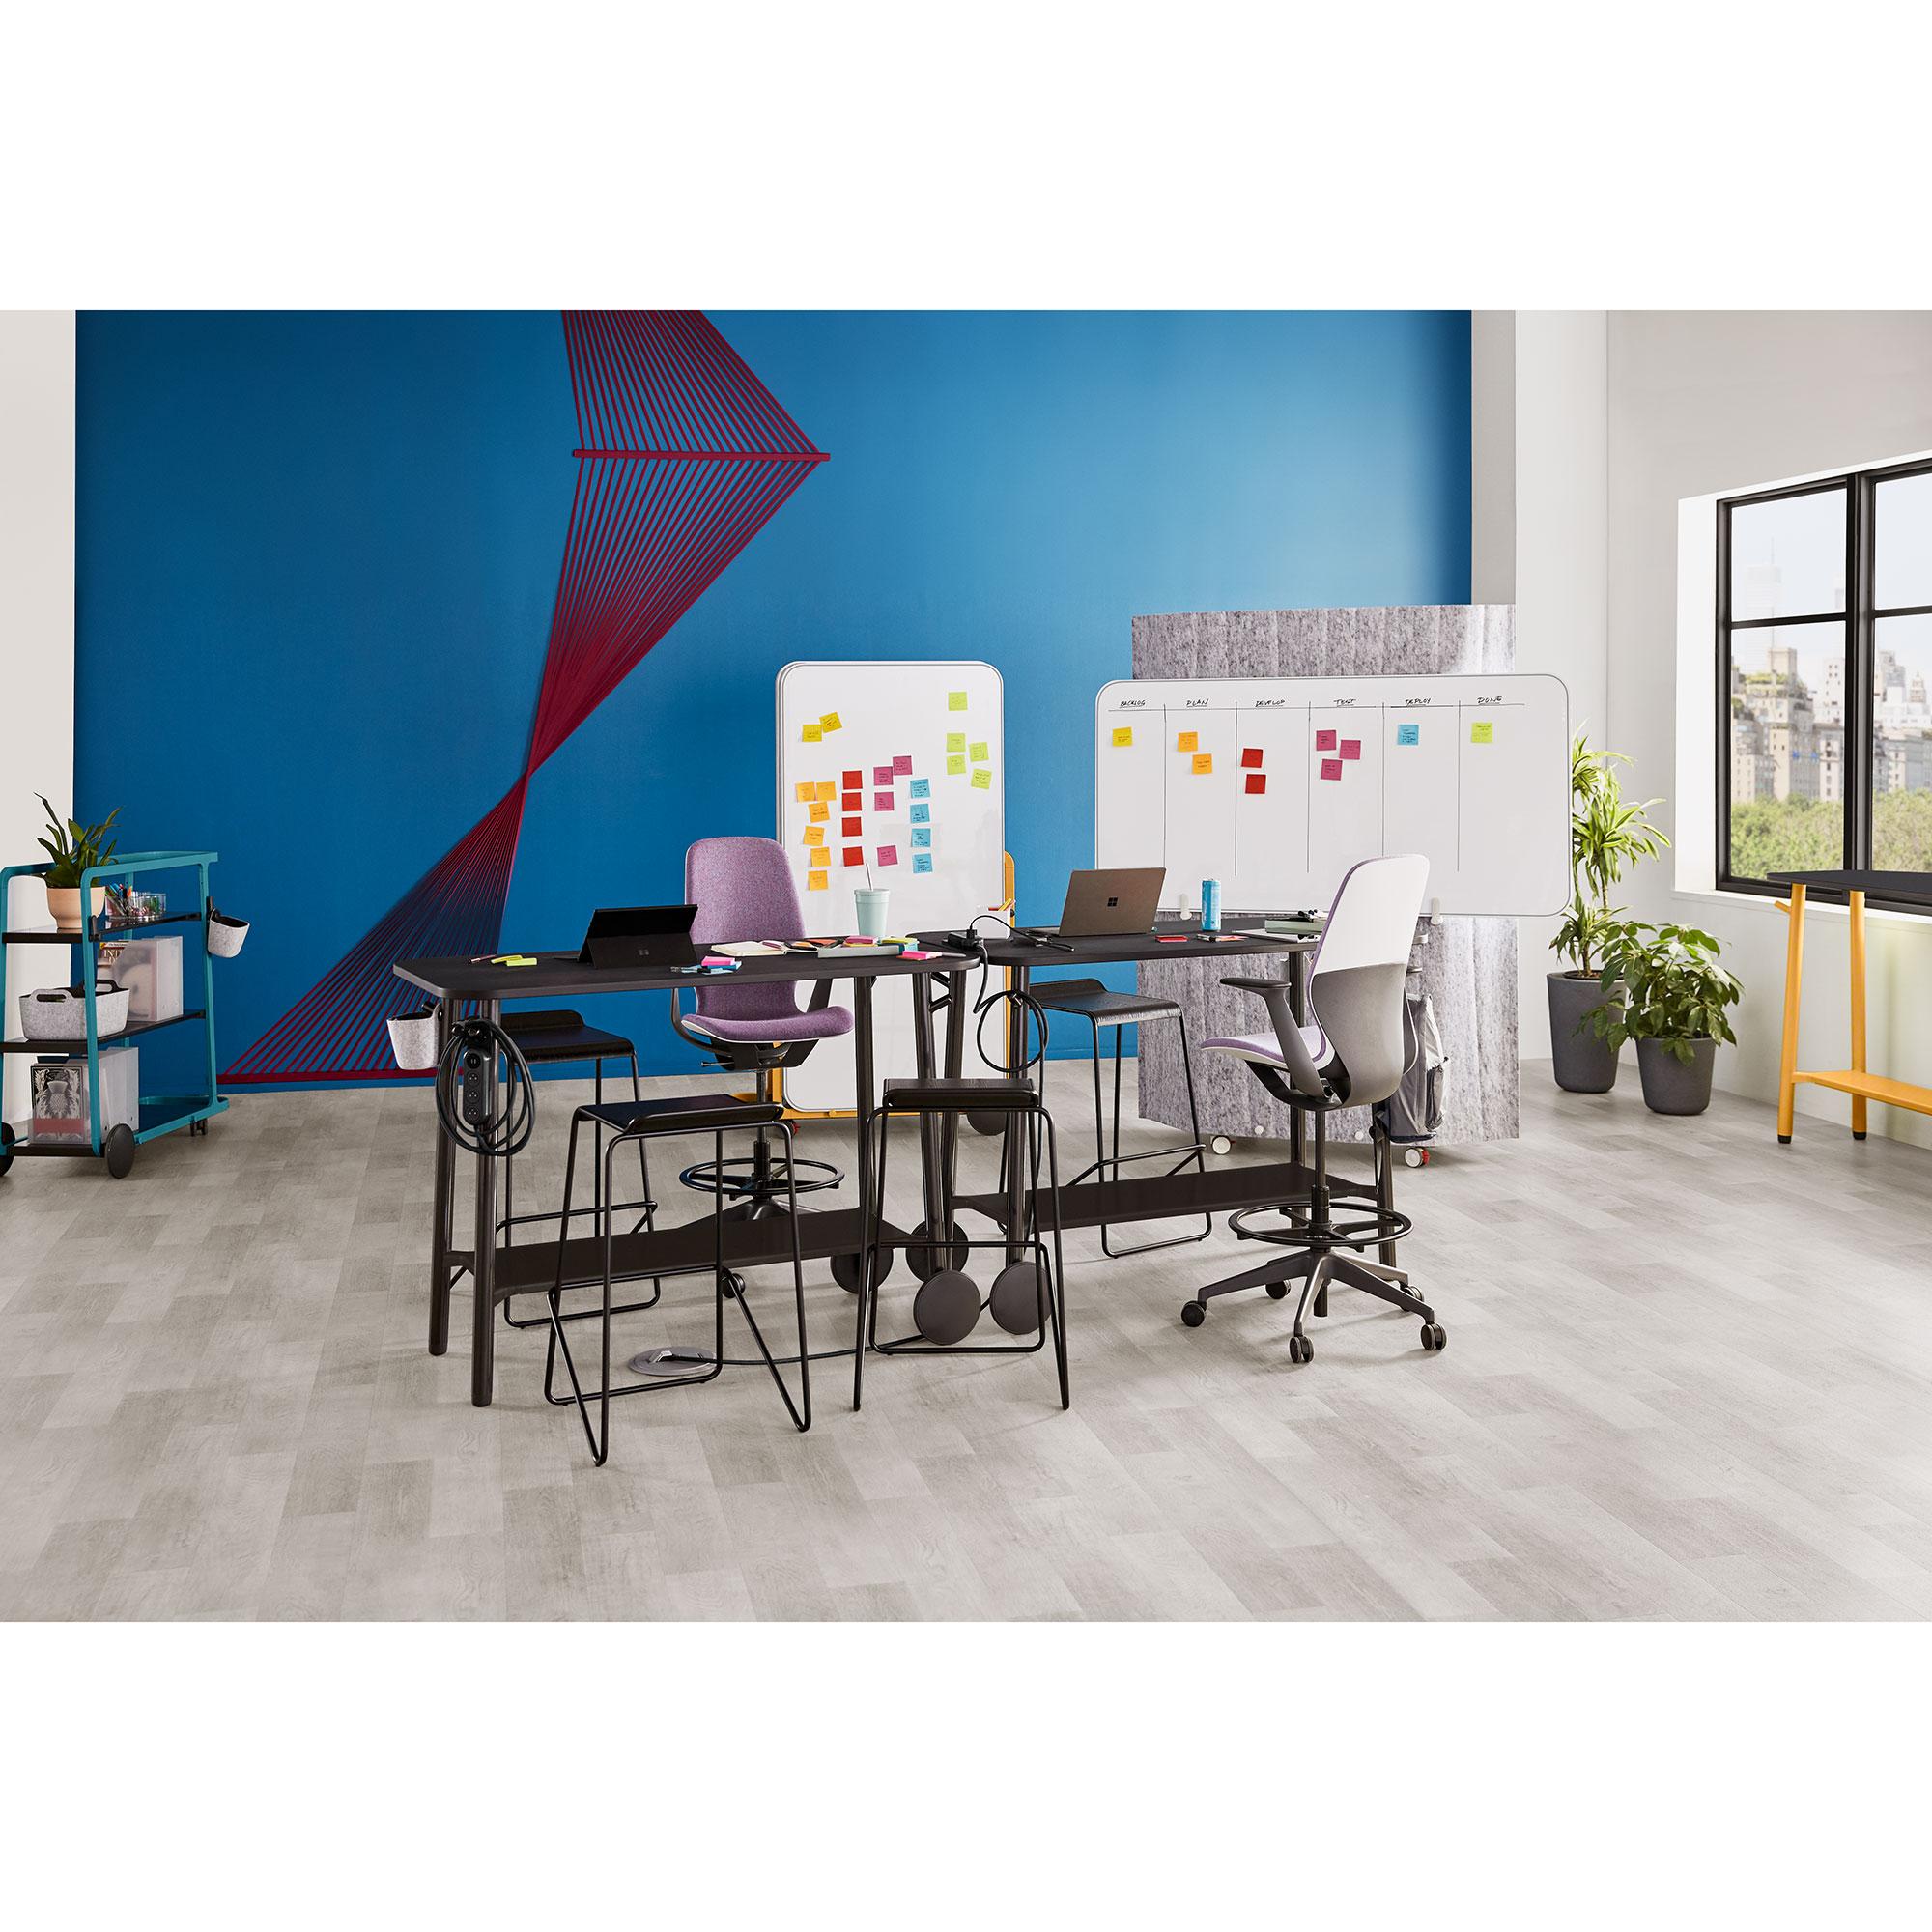 Steelcase Flex Collection Schreibtisch auf Rollen, einfach zu bewegen